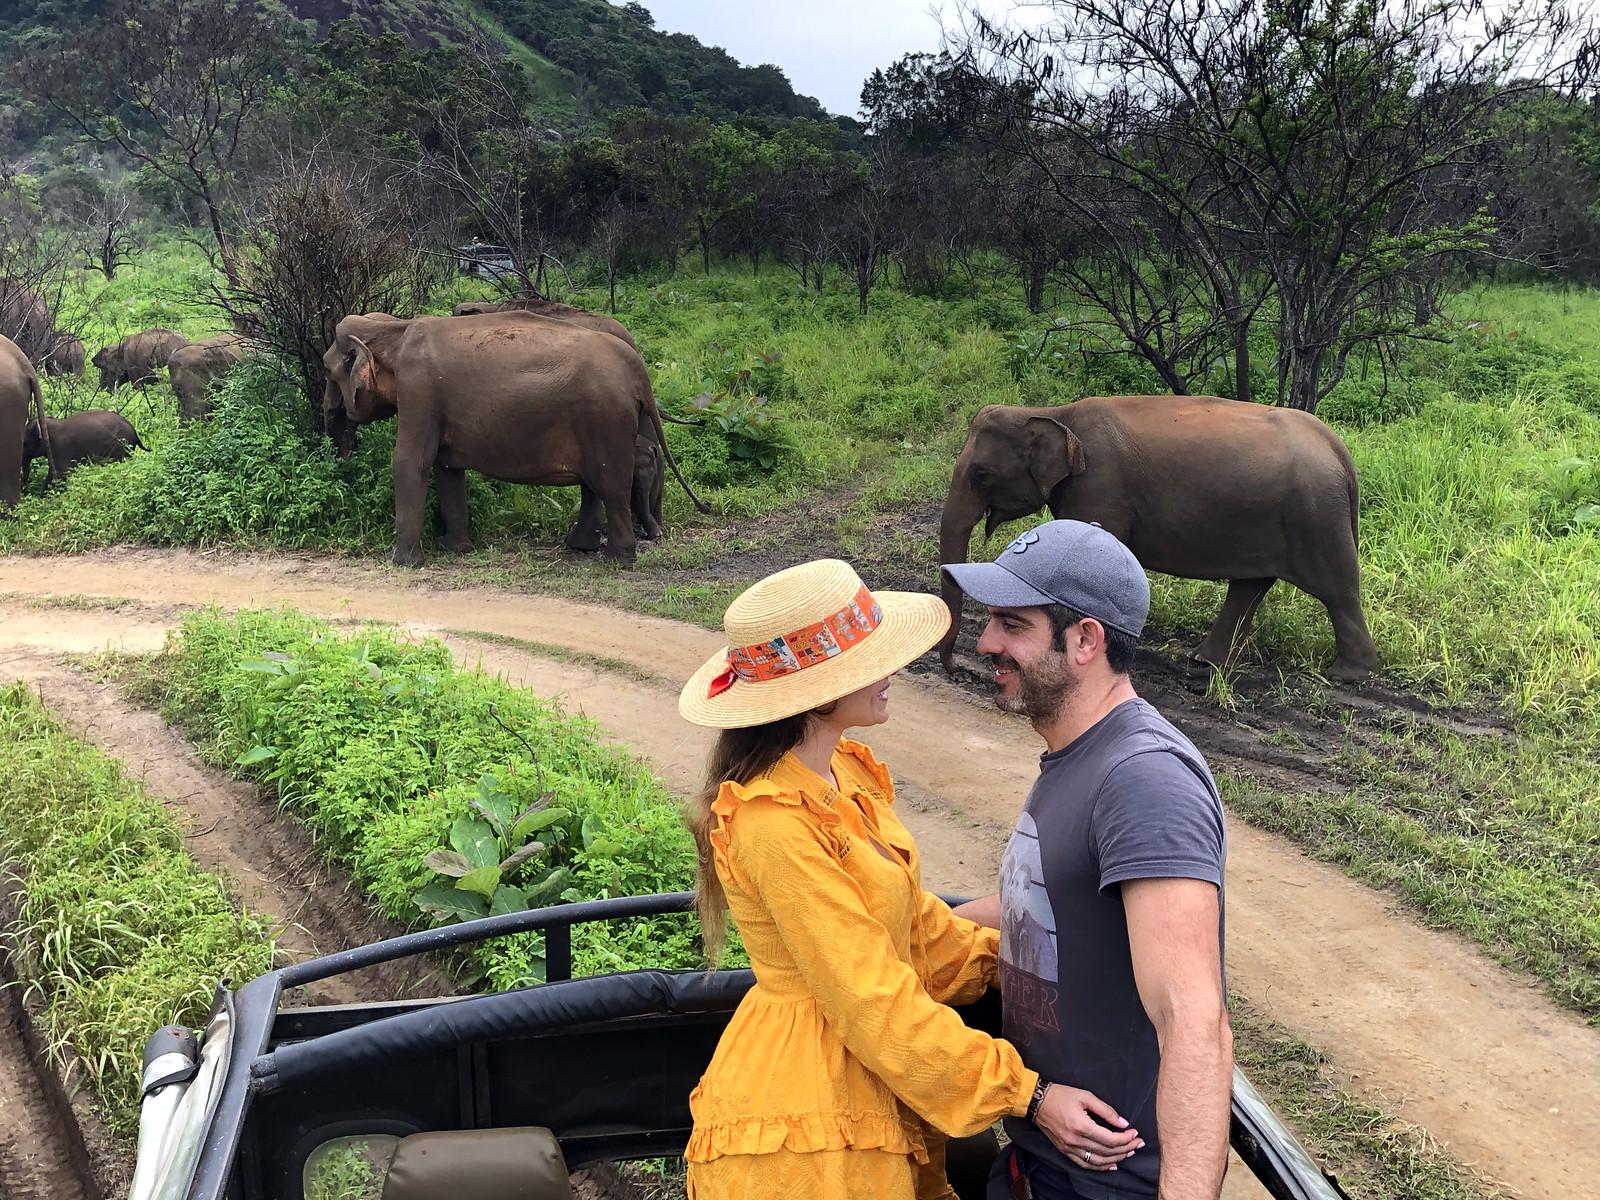 VER ELEFANTES SALVAJES EN SRI LANKA ver elefantes salvajes en sri lanka - 40009426173 1e2a835821 h - Ver elefantes salvajes en Sri Lanka